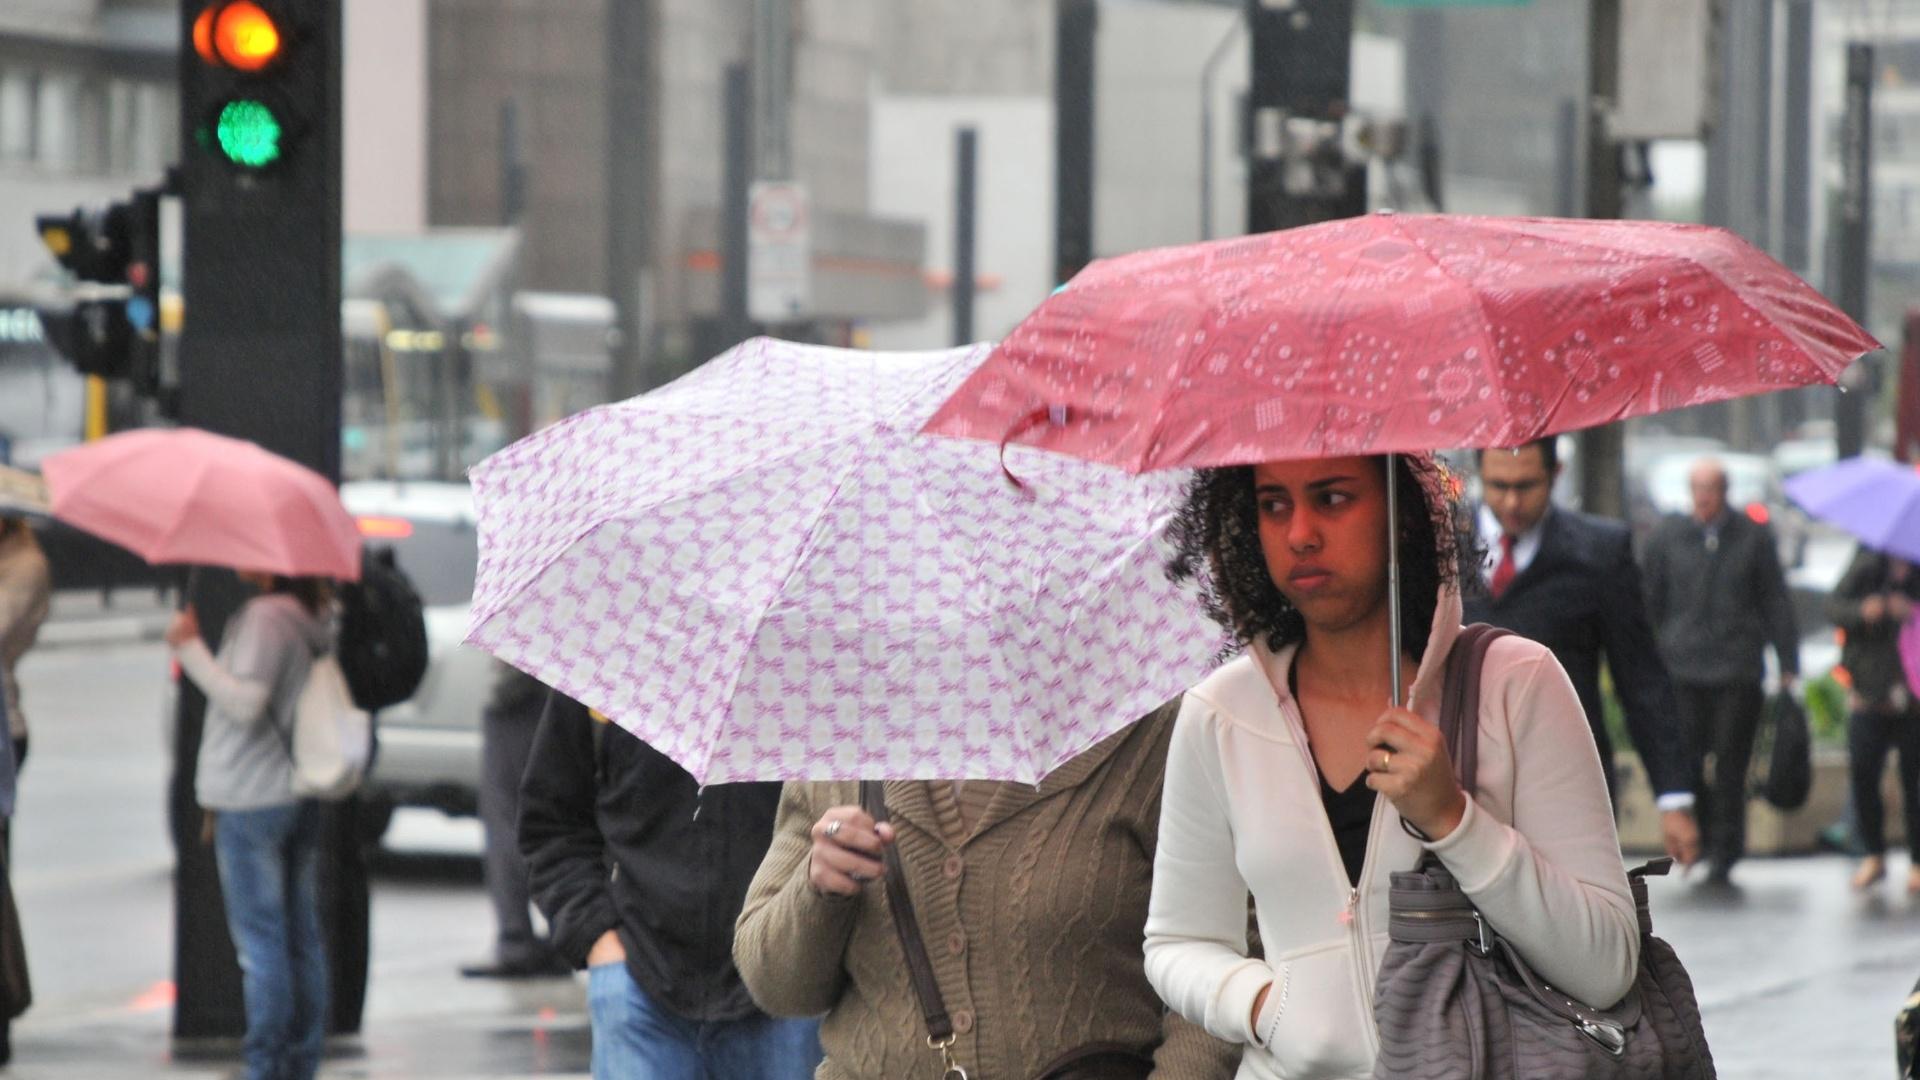 26.set.2012 - Mulher se protege da chuva e do frio na avenida Paulista, em São Paulo, onde os termômetros chegaram a registrar 9°C. Com os ventos, a sensação térmica chegou a -0,5°C por volta do meio-dia